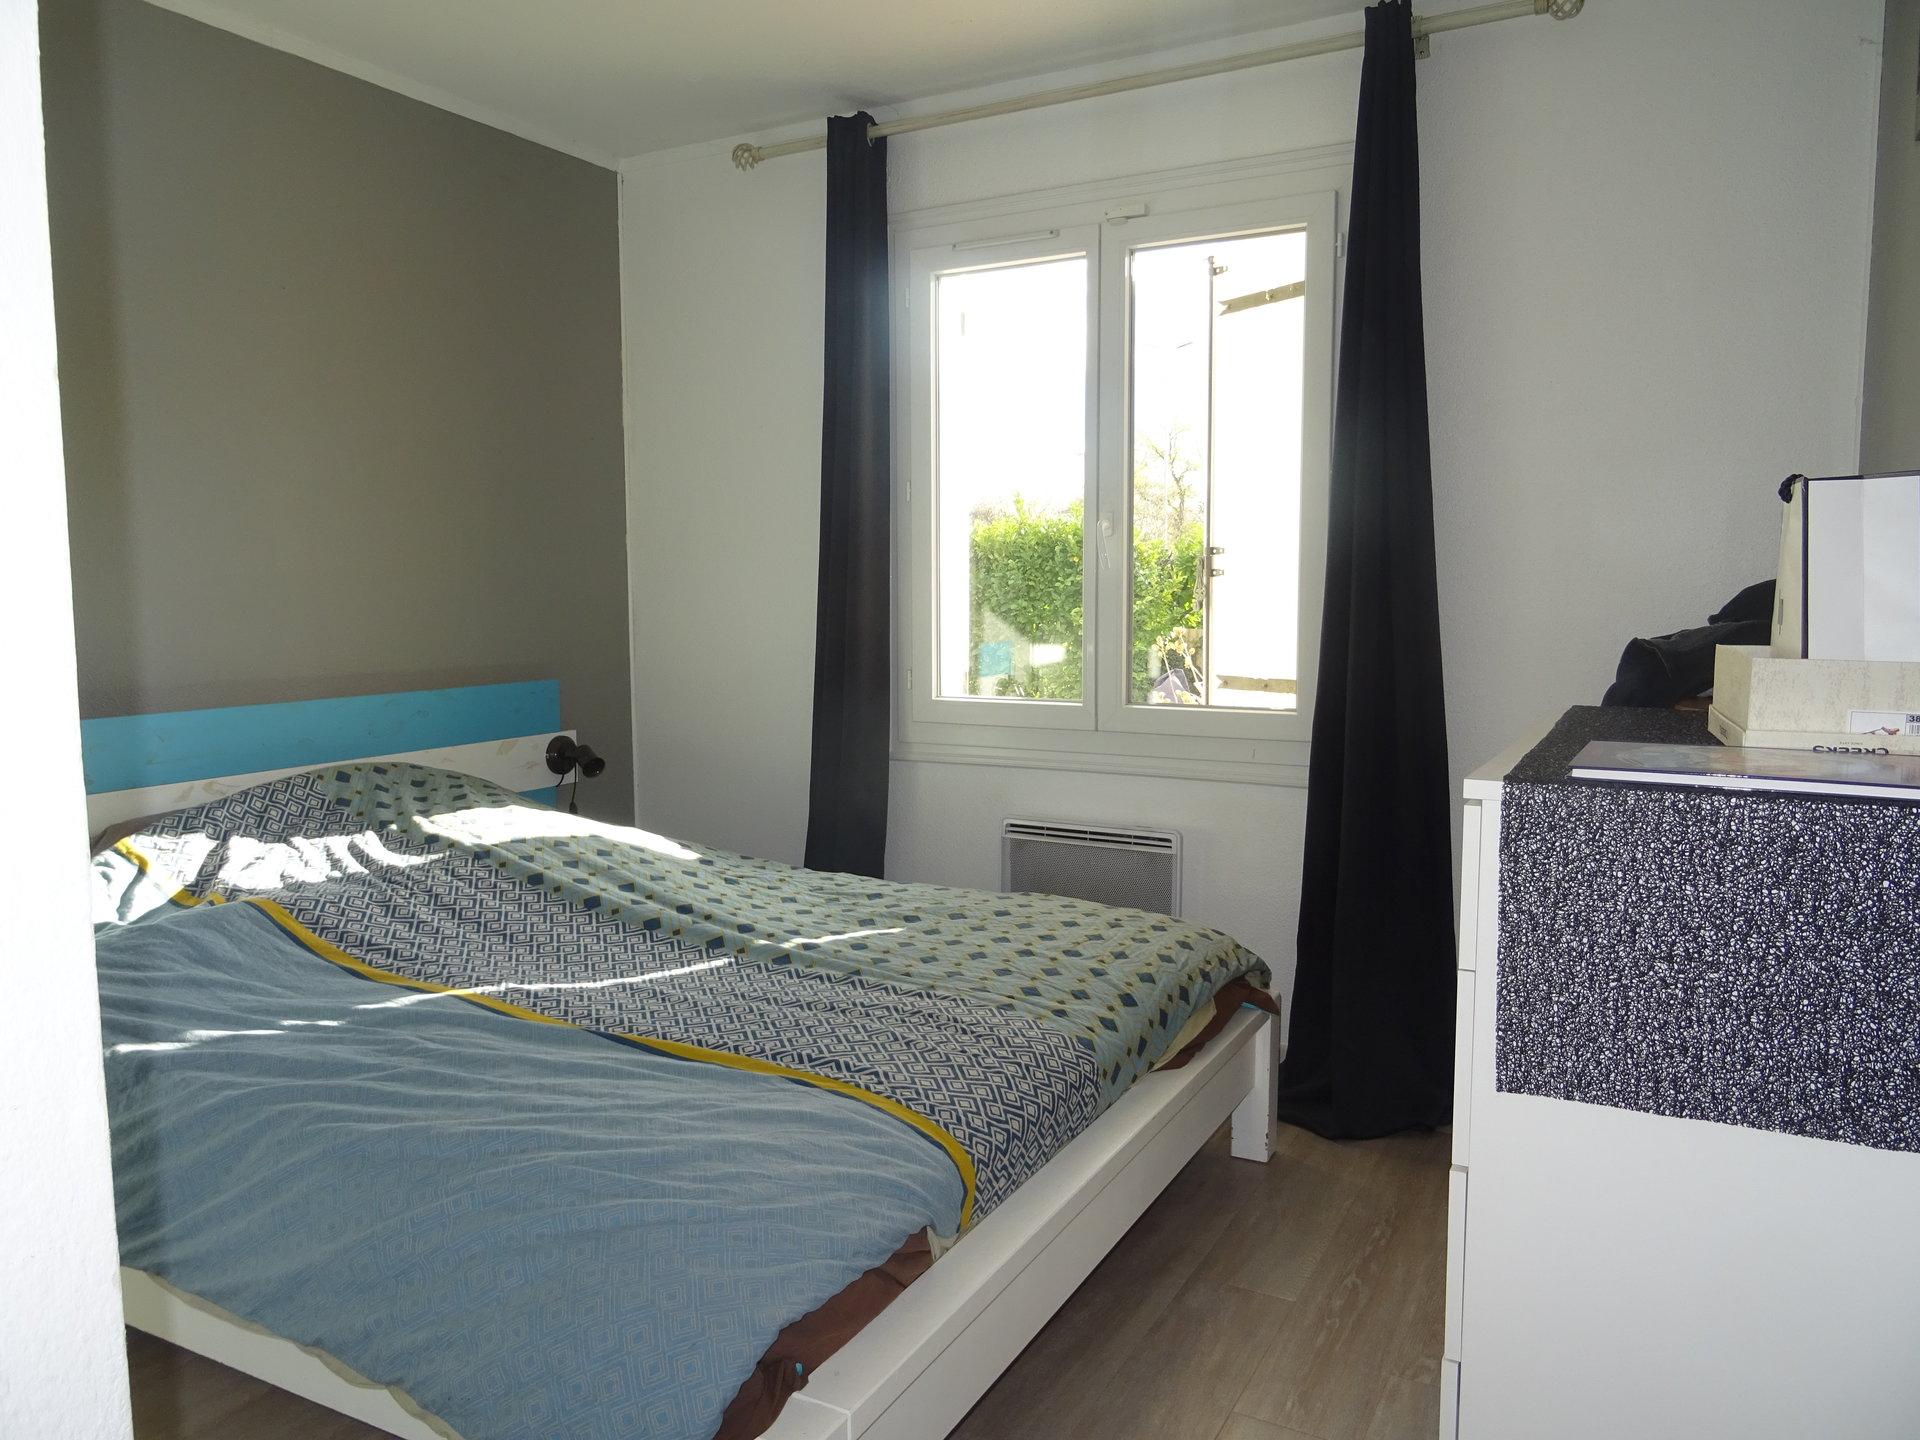 Maison 3 chambres plain pied sur 646 m² terrain